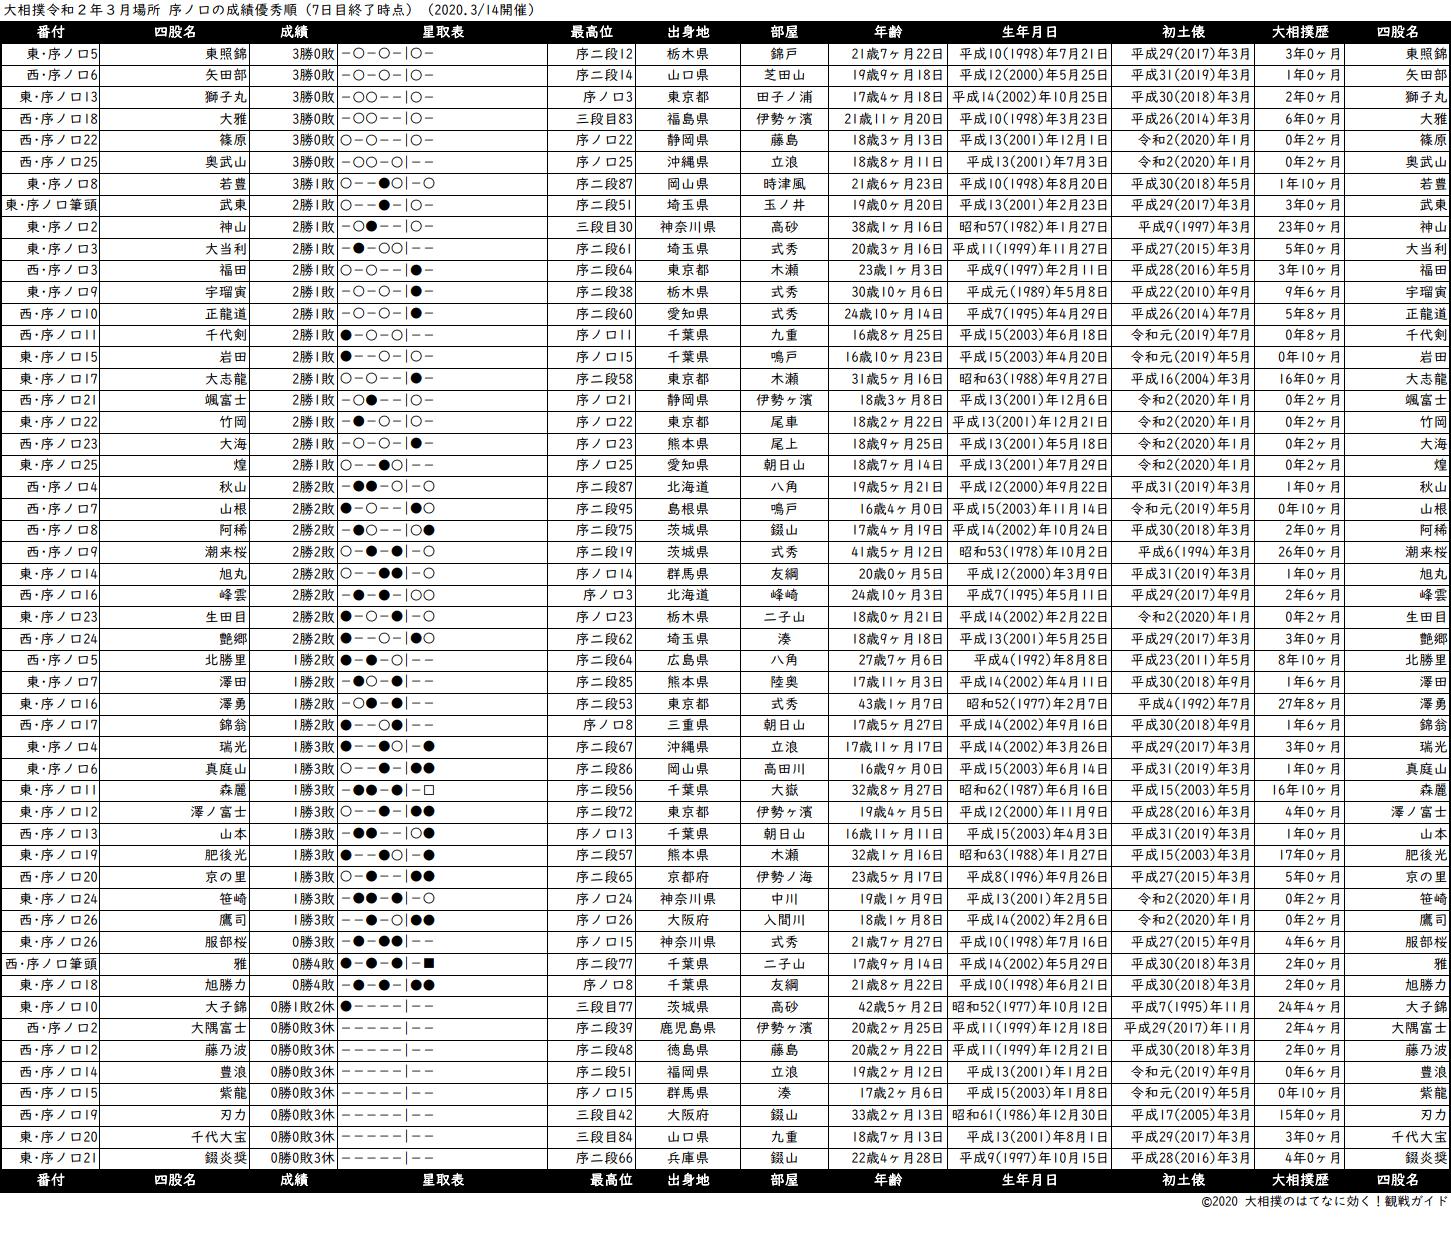 序ノ口成績順一覧表・2020年3月場所7日目